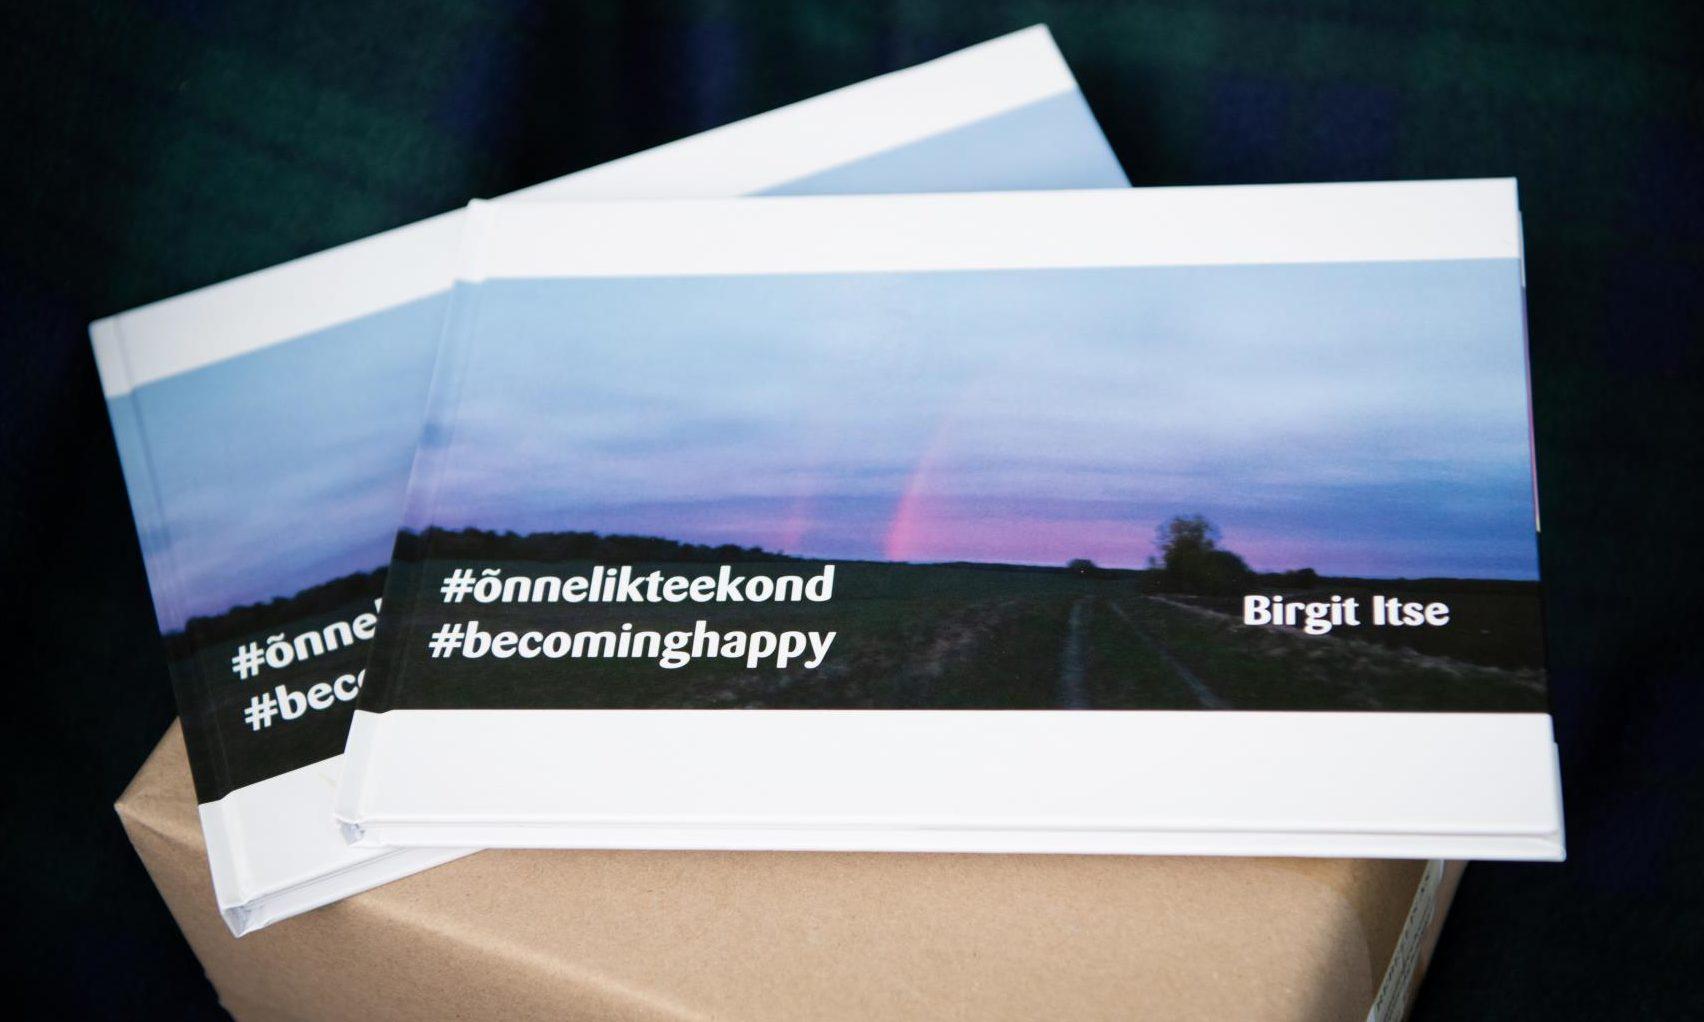 Copies of #õnnelikteekond #becominghappy by Aberdeen author Birgit Itse.